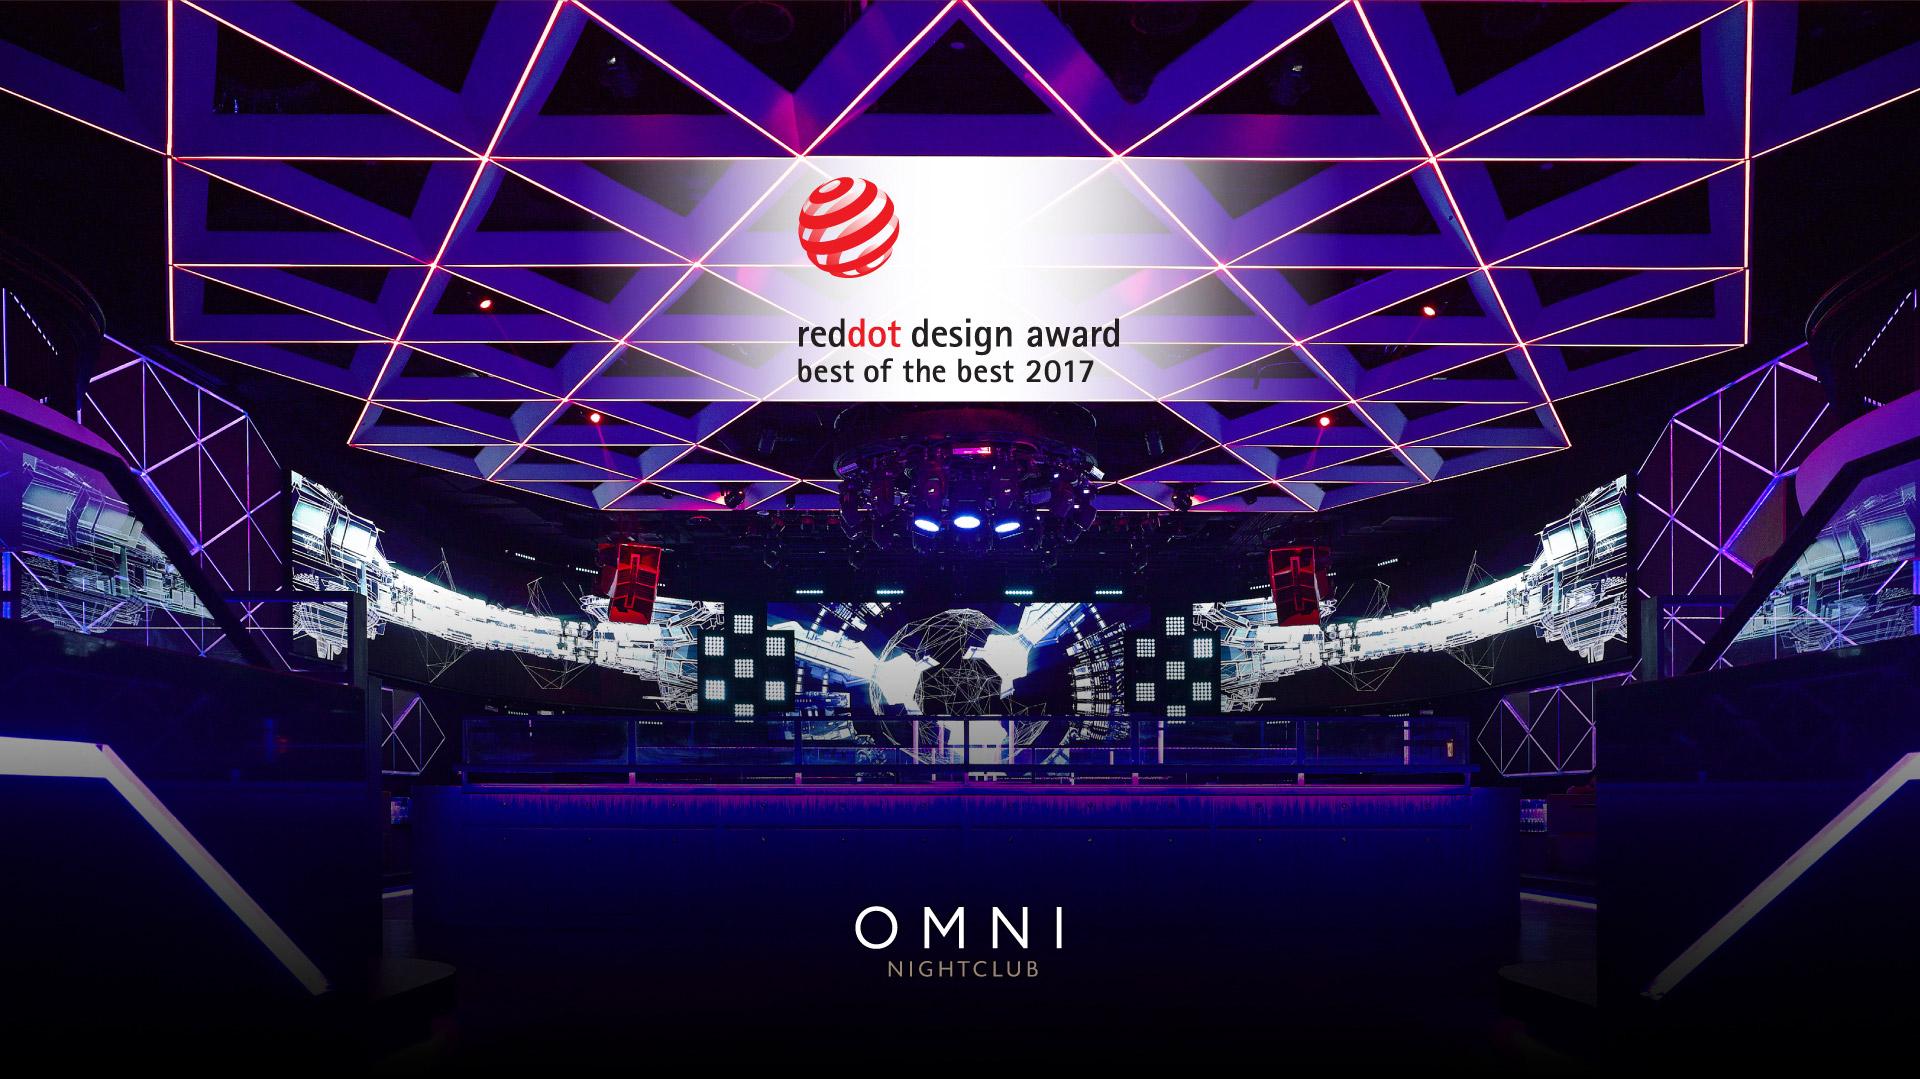 OMNI Nightclub - A Nightclub in Taipei